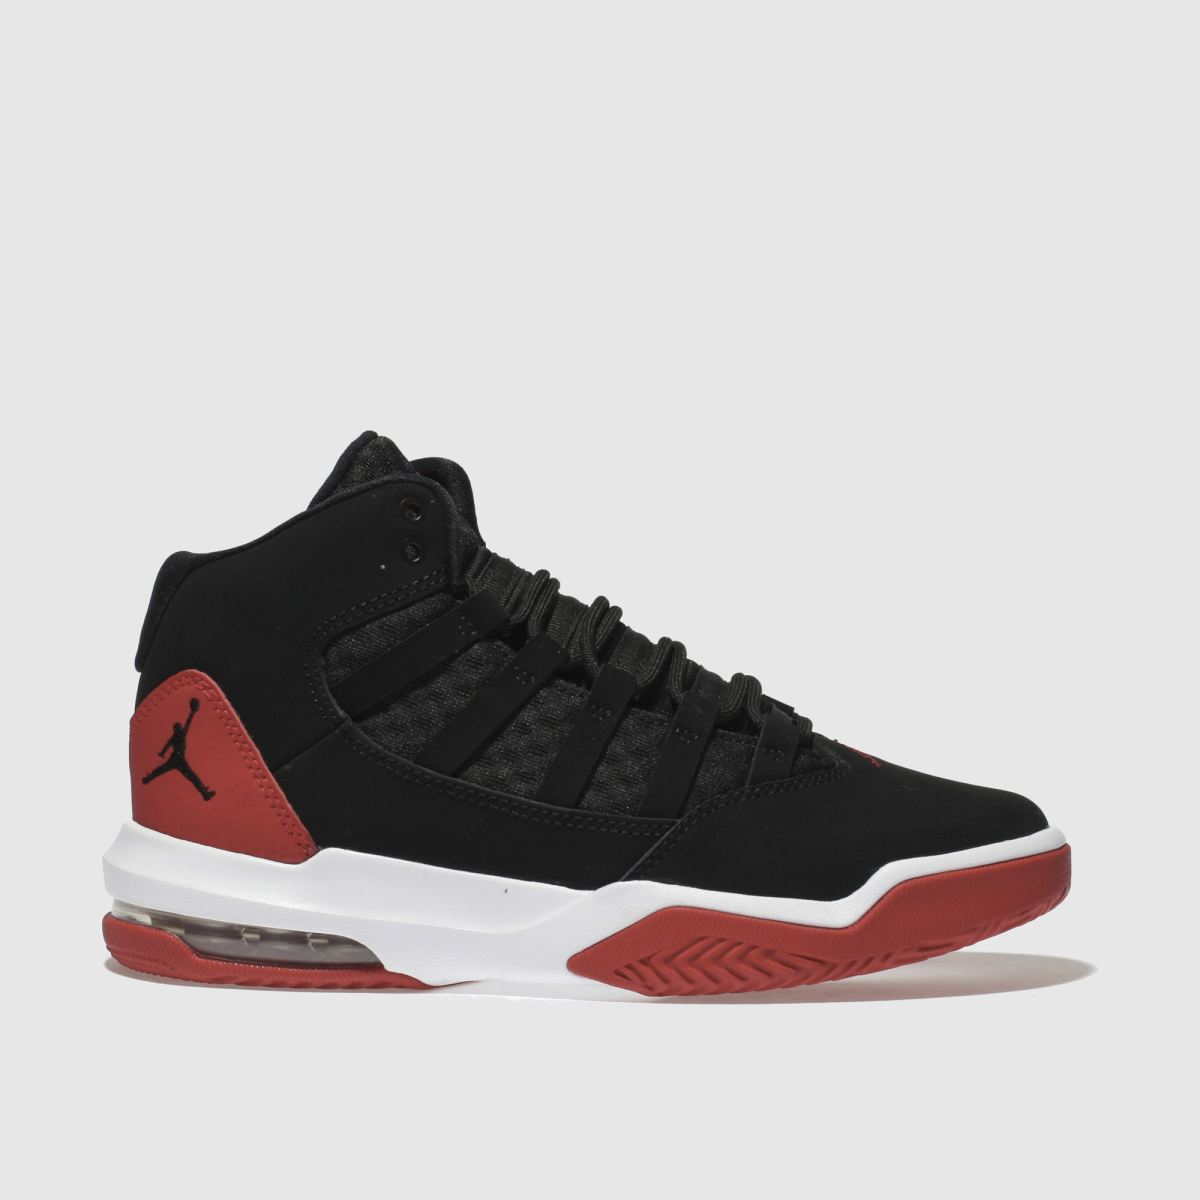 nike jordan Nike Jordan  Black & Red Jordan Max Aura Youth Trainers